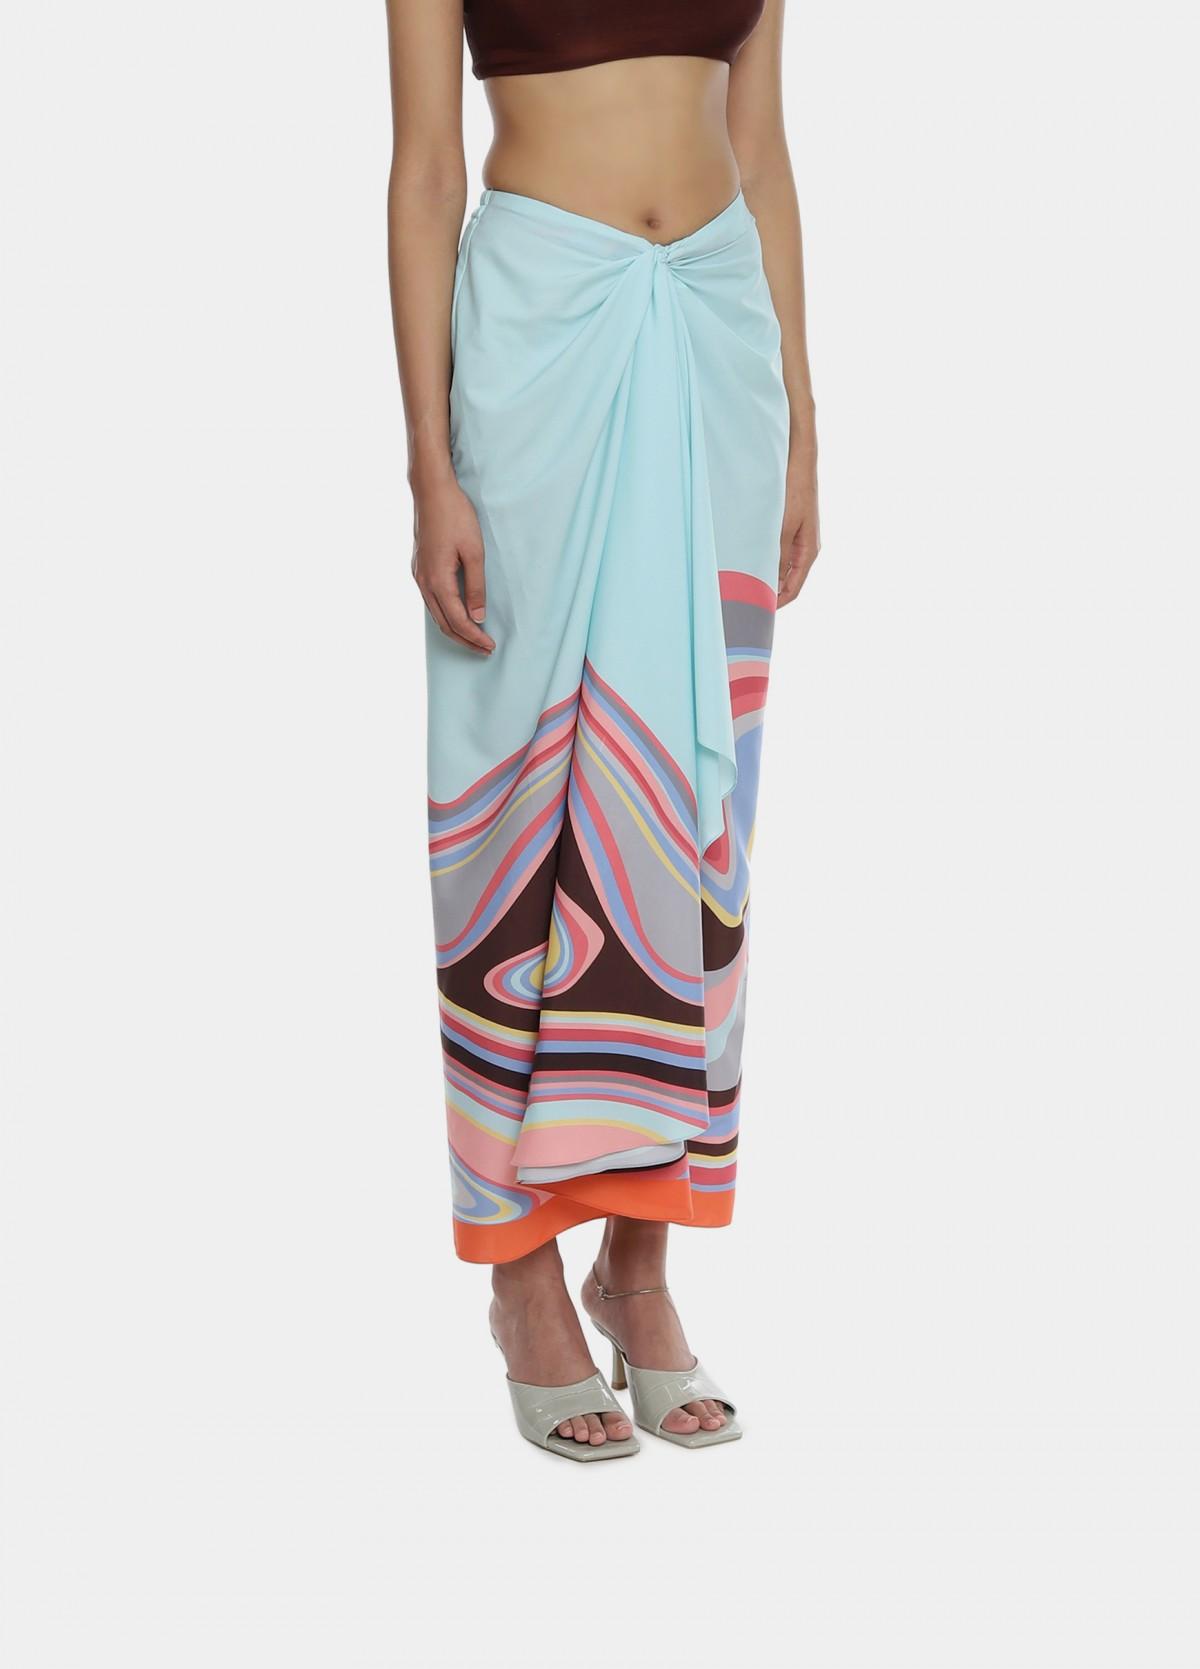 The Lucid Skirt